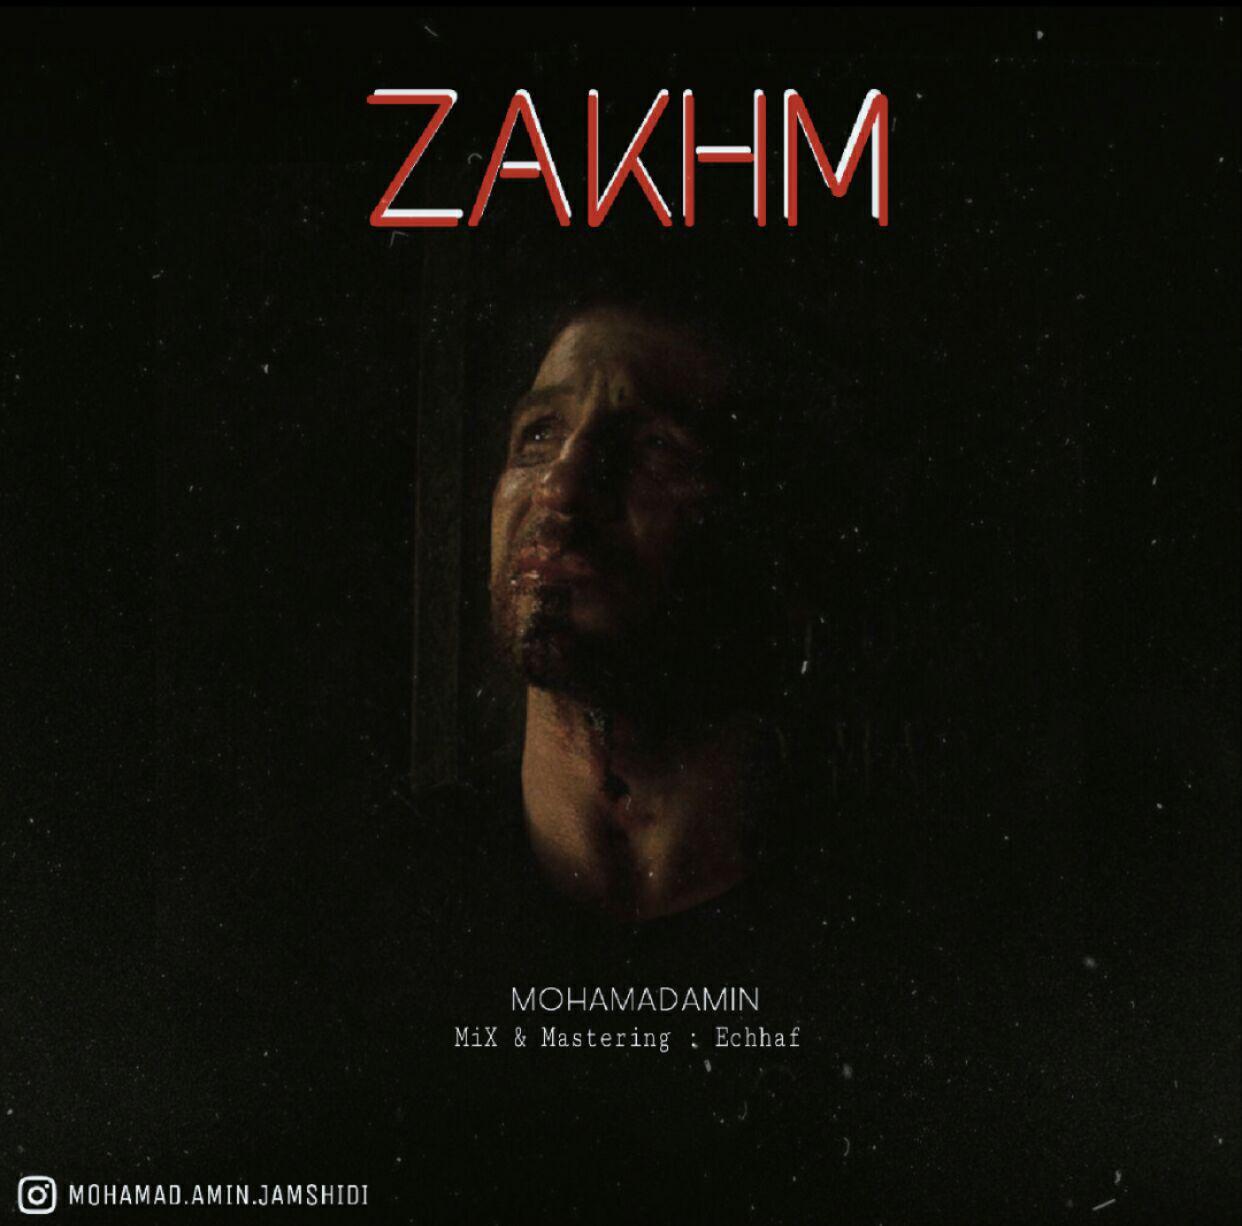 آهنگ جدید زخم از محمدامین